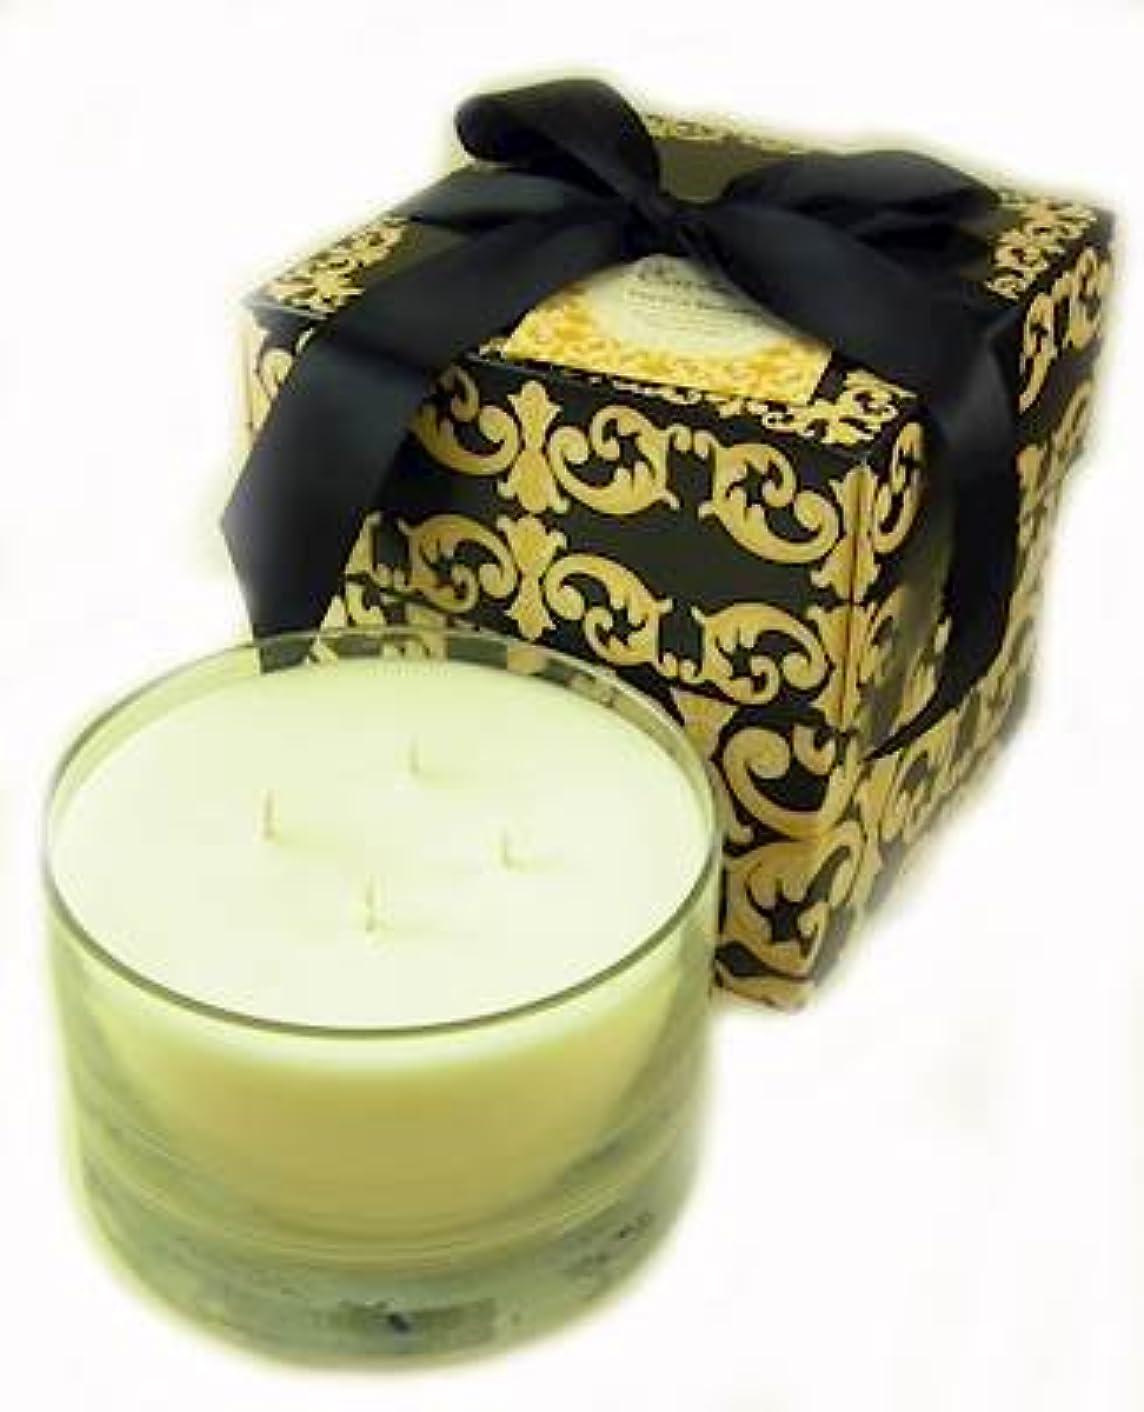 緩む船尾小切手フランス市場 – Exclusive Tyler 40 oz 4-wick香りつきJar Candle